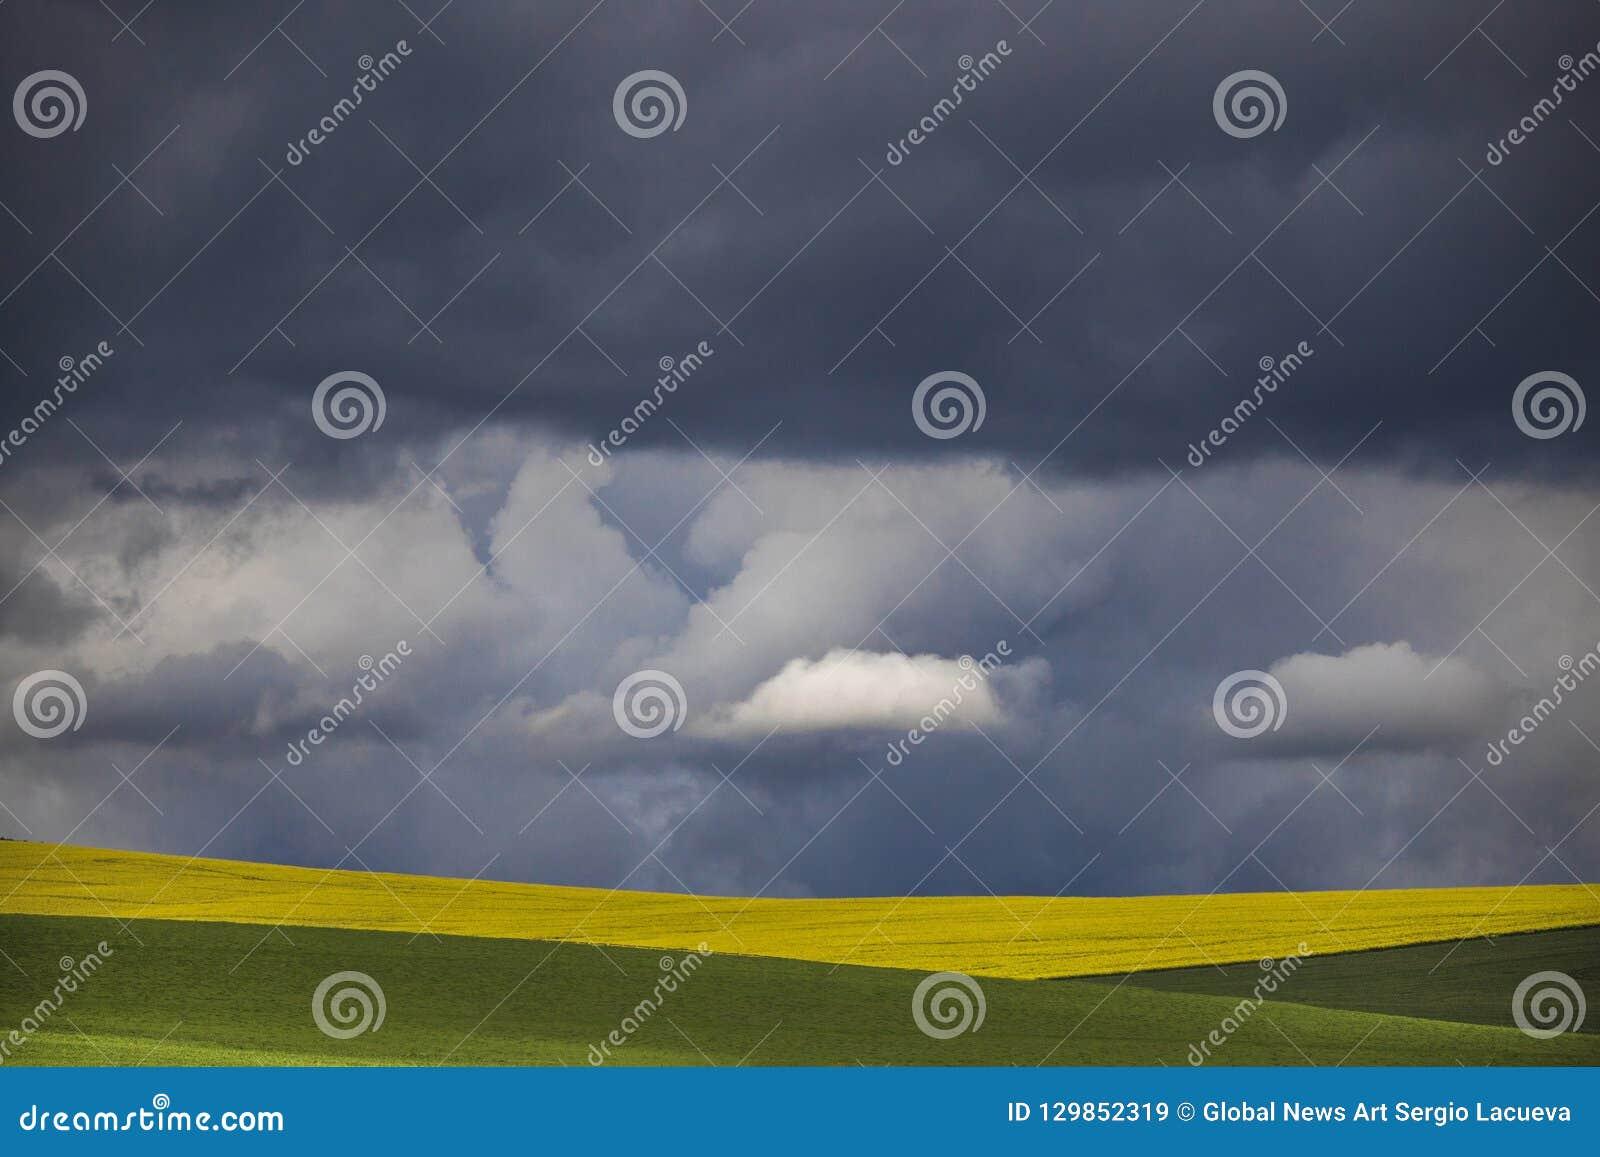 Minimalizm fotografia dramatyczne chmury nad zieleni i koloru żółtego polami